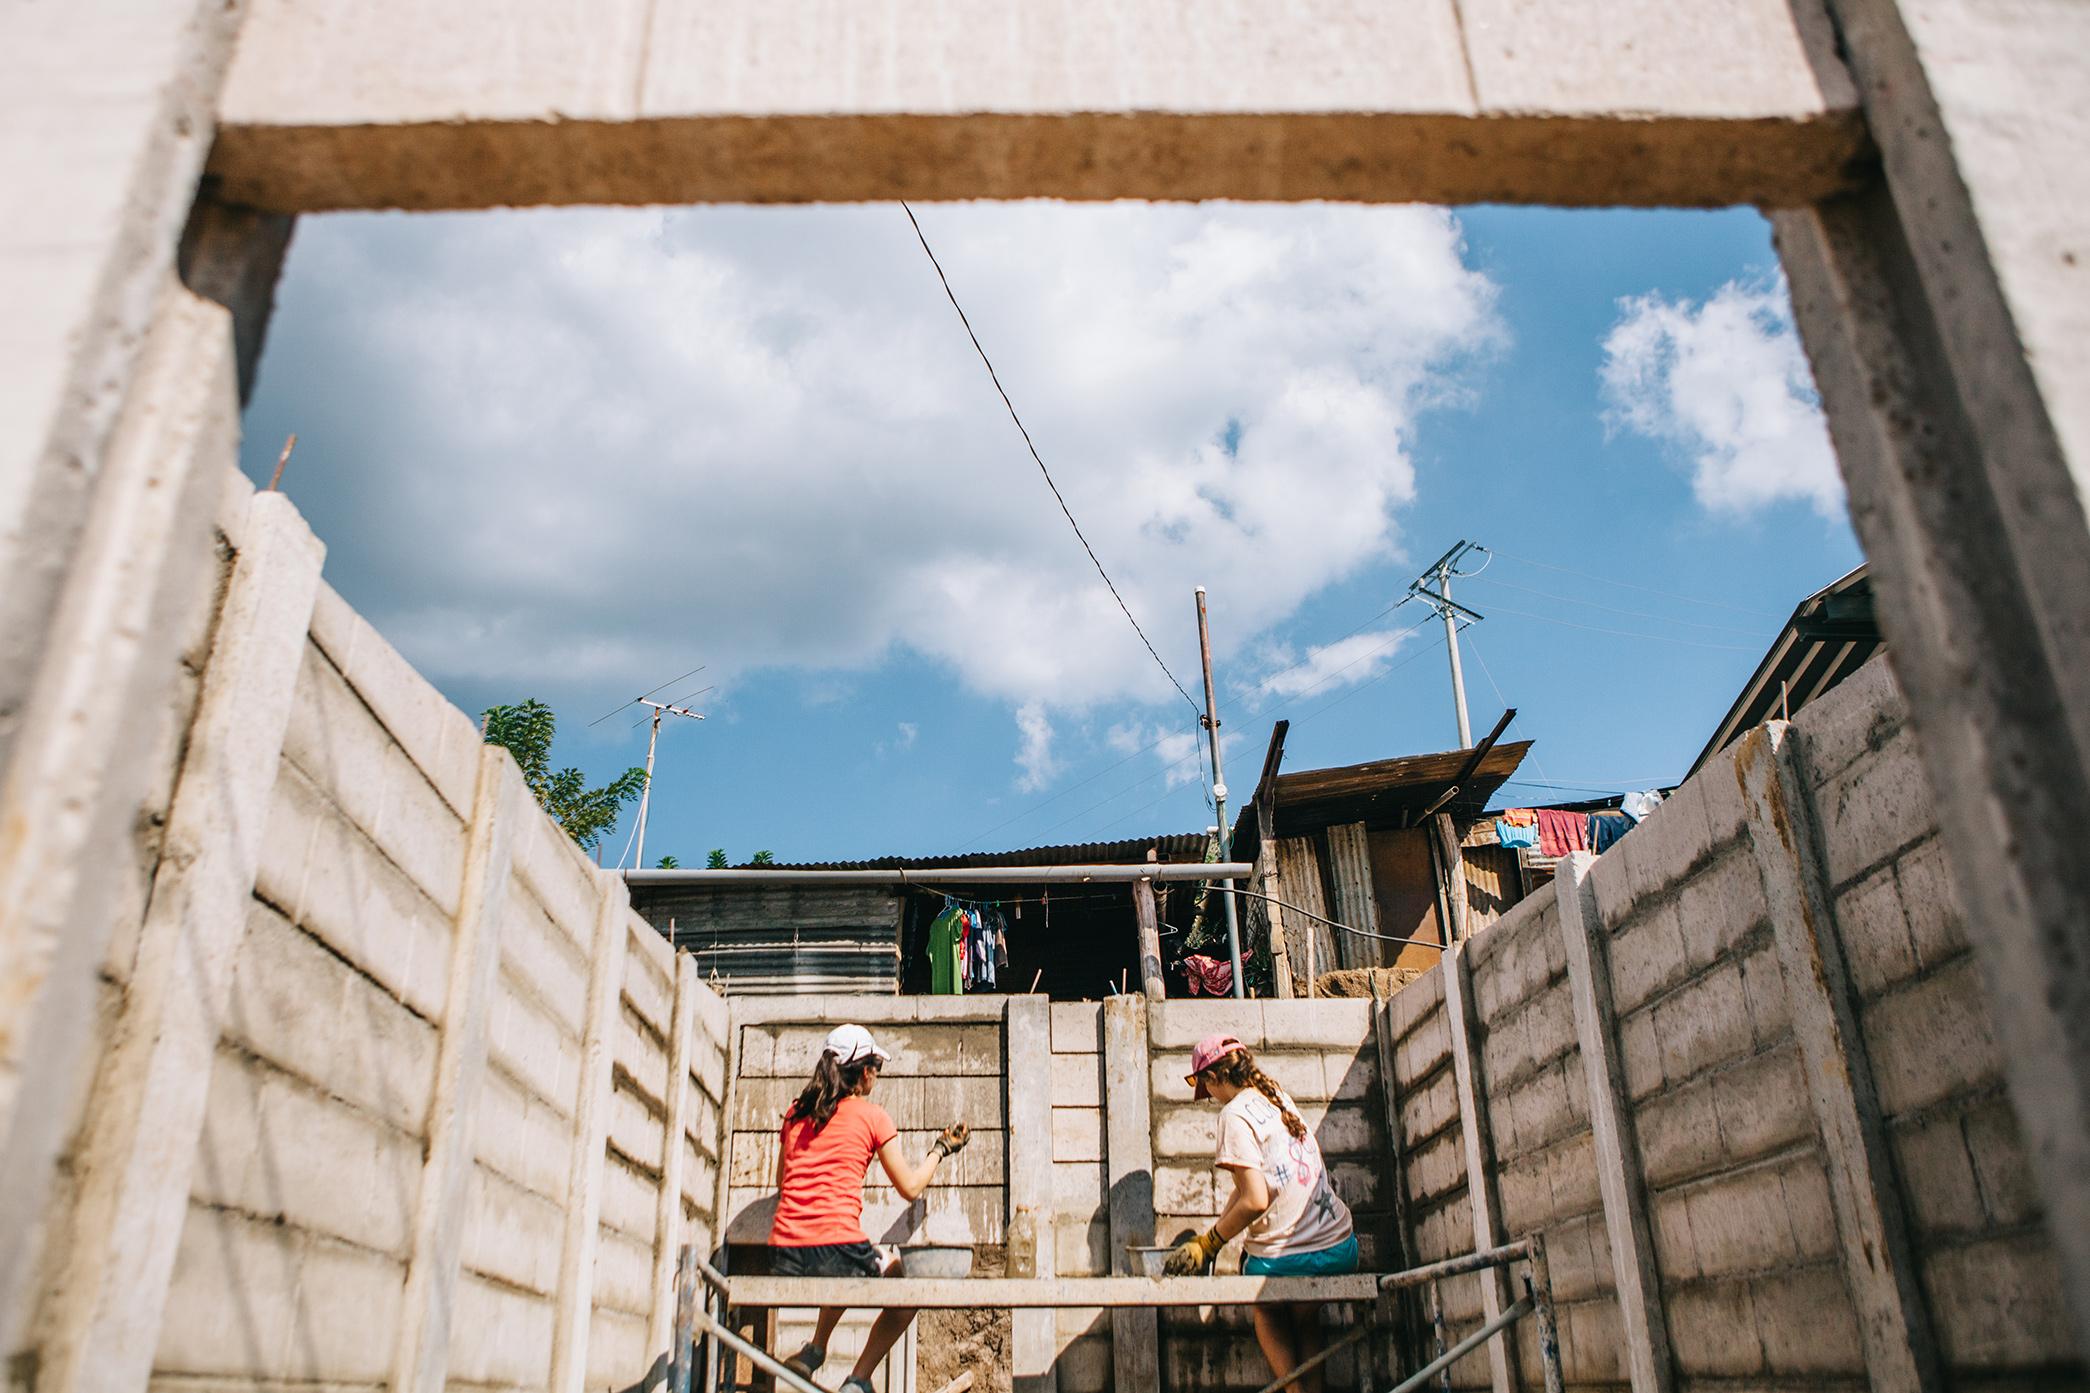 Mortaring a houseat the worksite- Talnique, El Salvador